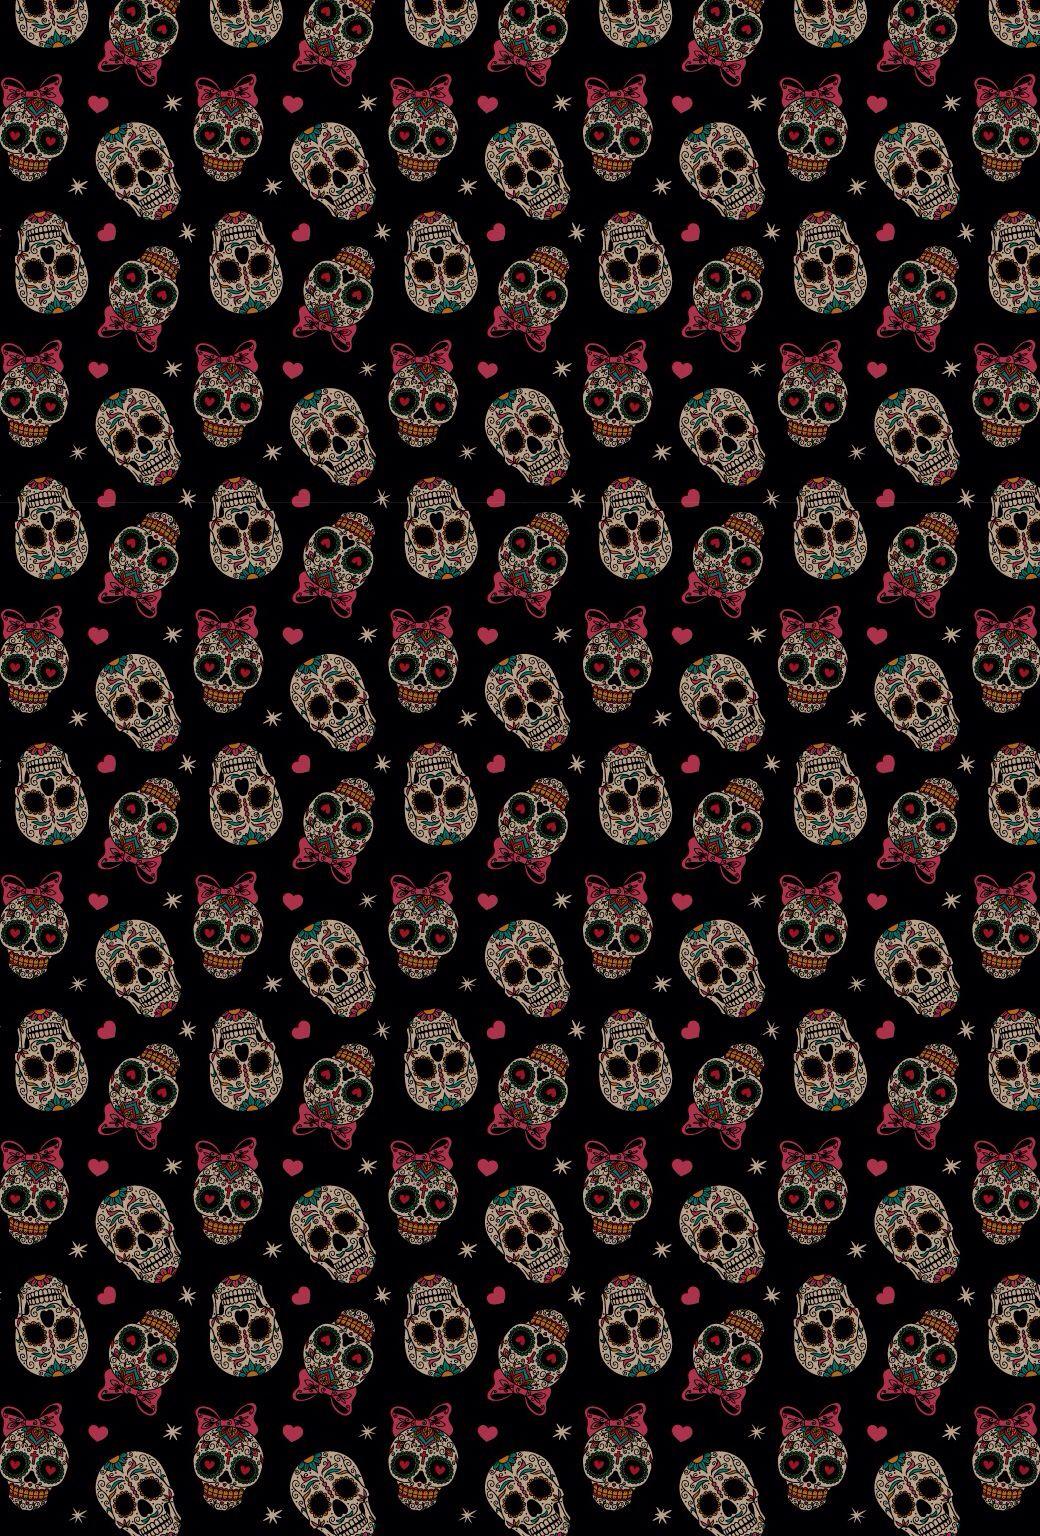 iPhone wallpaper | Wallpaper | Skull wallpaper, Sugar skull